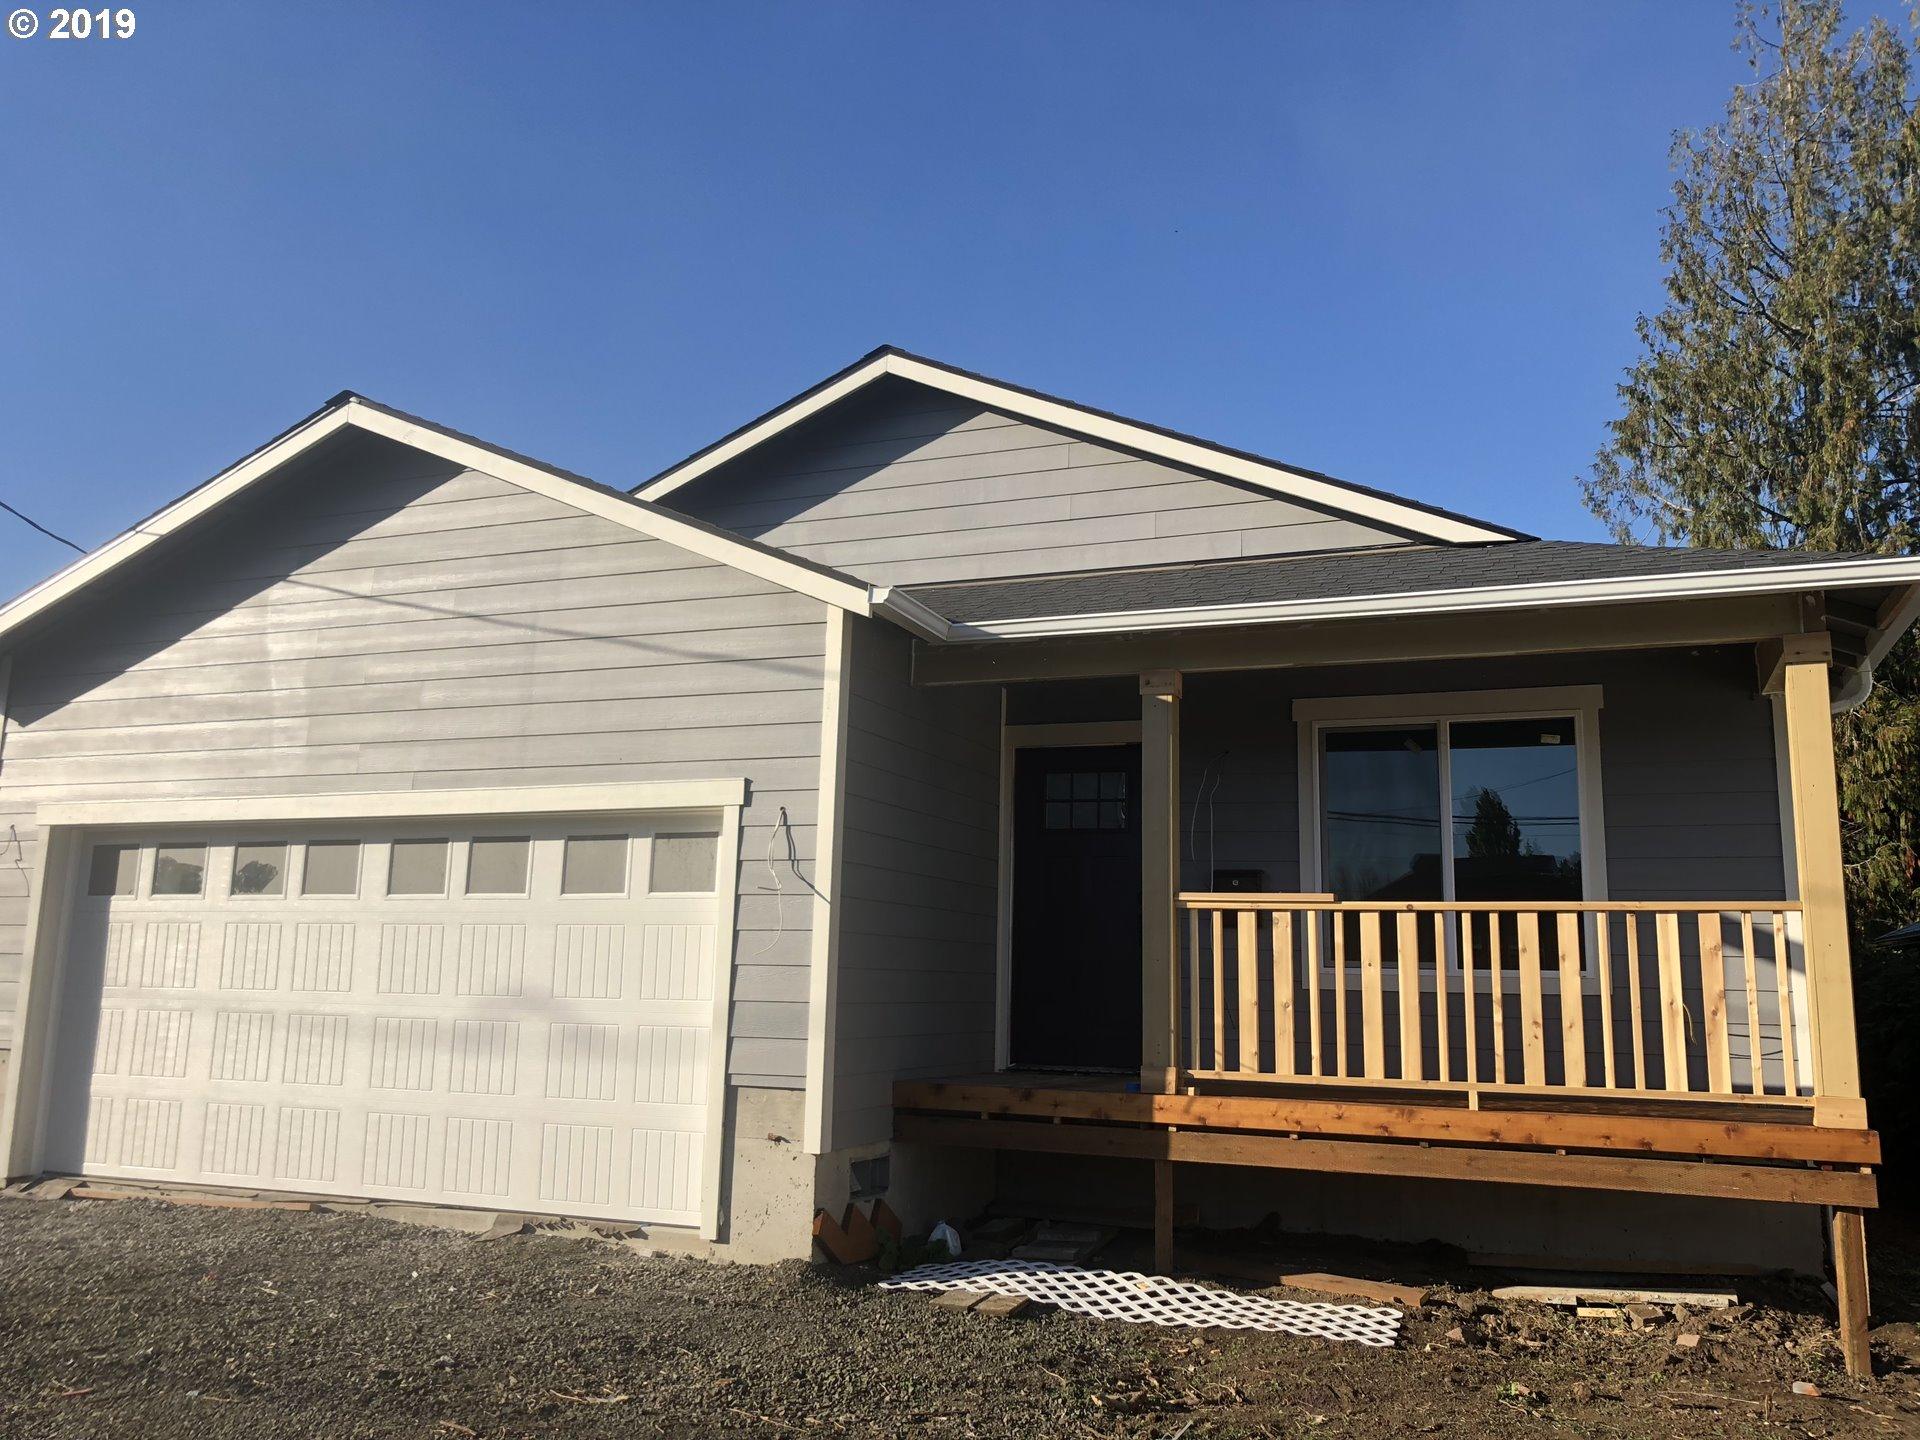 557 NW BLAIR LOOP, Sheridan OR 97378 - House for Sale in Sheridan